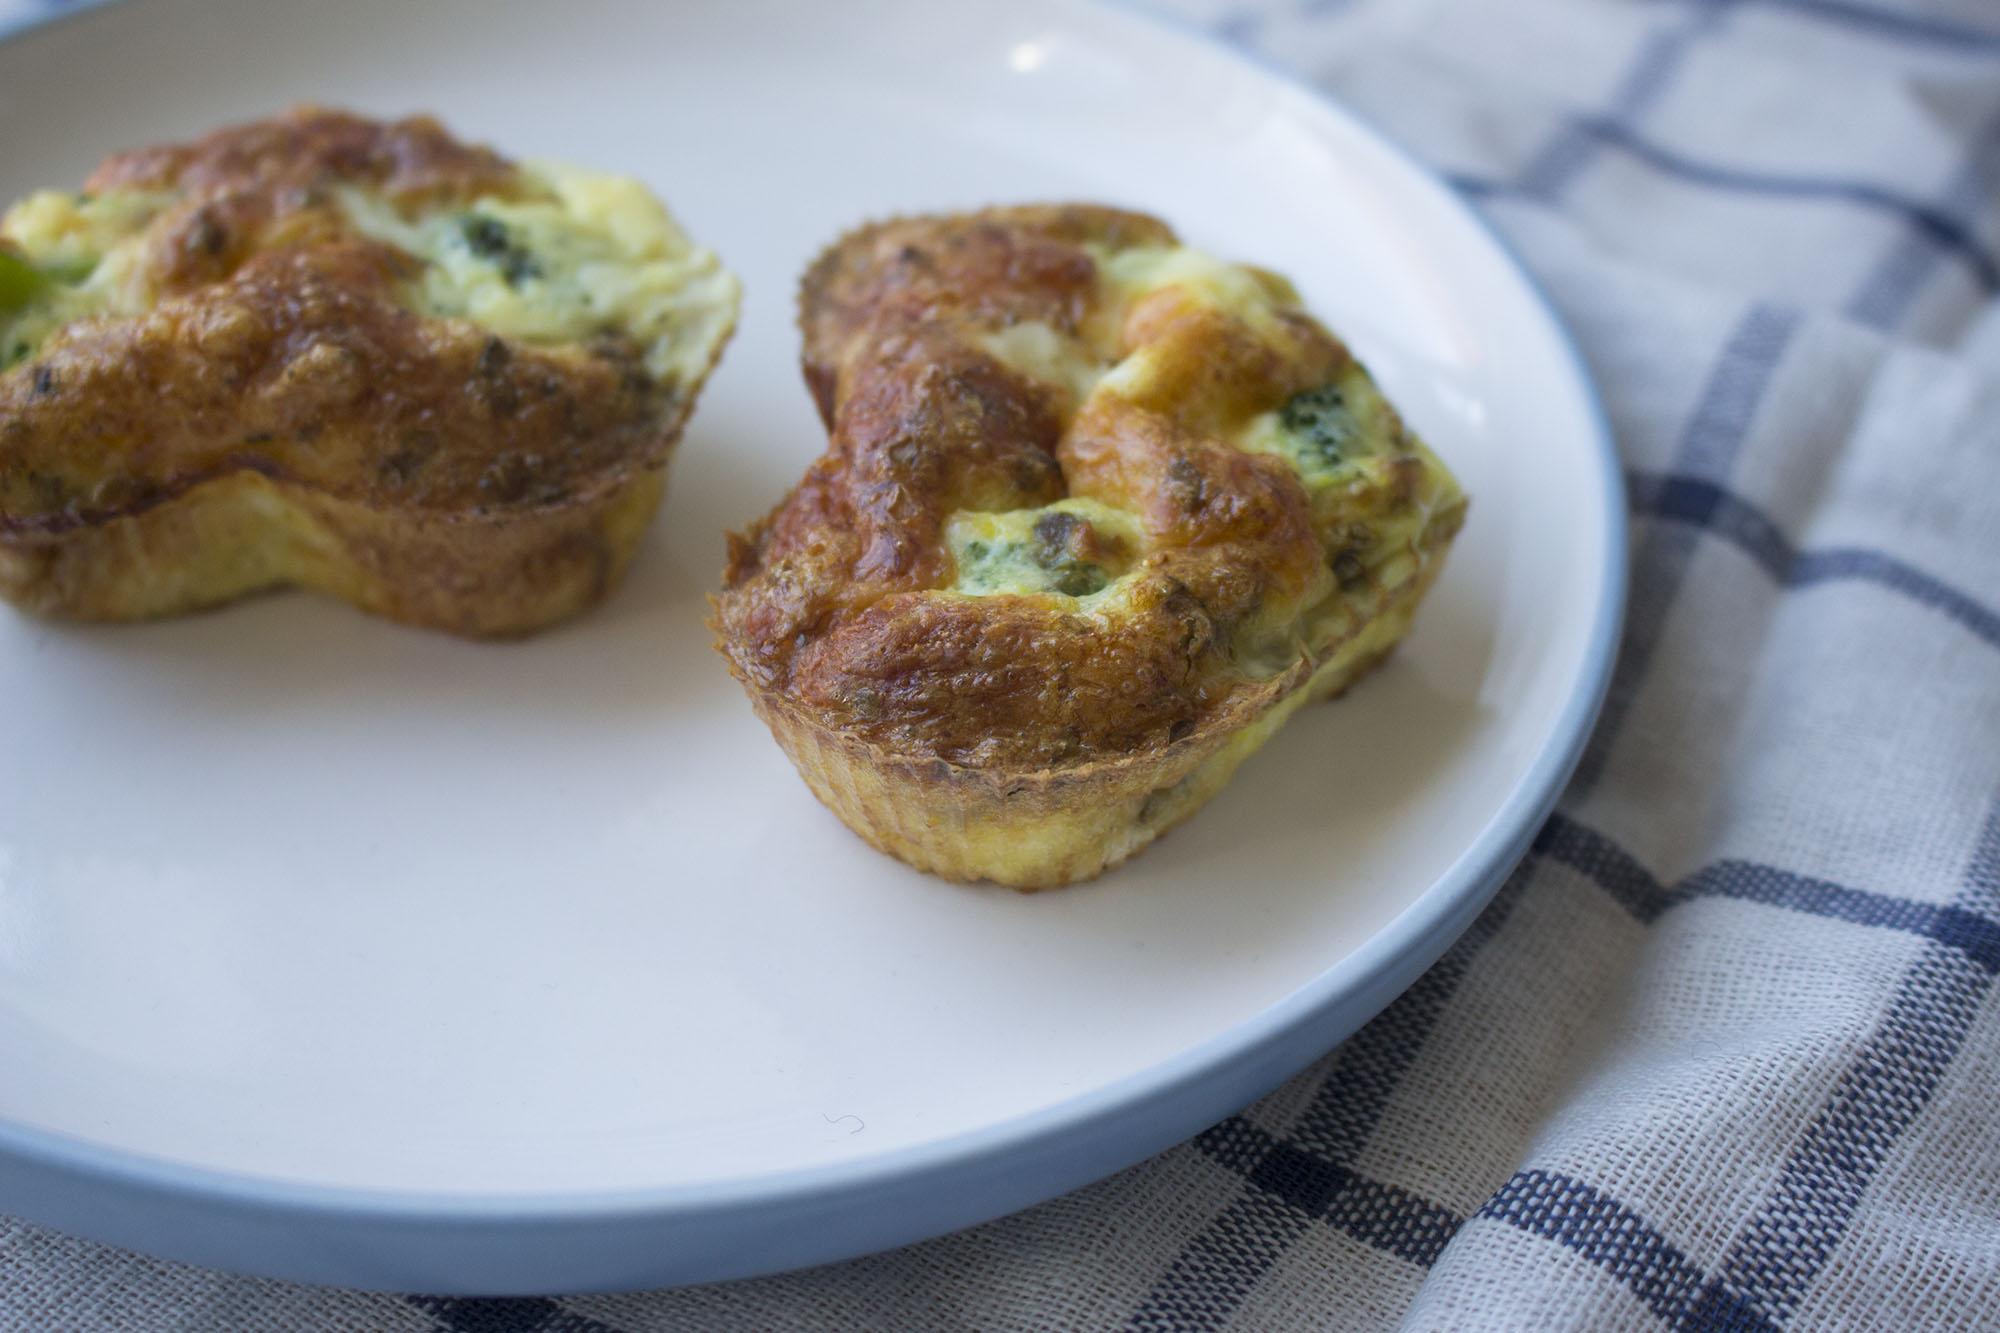 Lchf-morgenmad til folk på farten - broccolimuffins